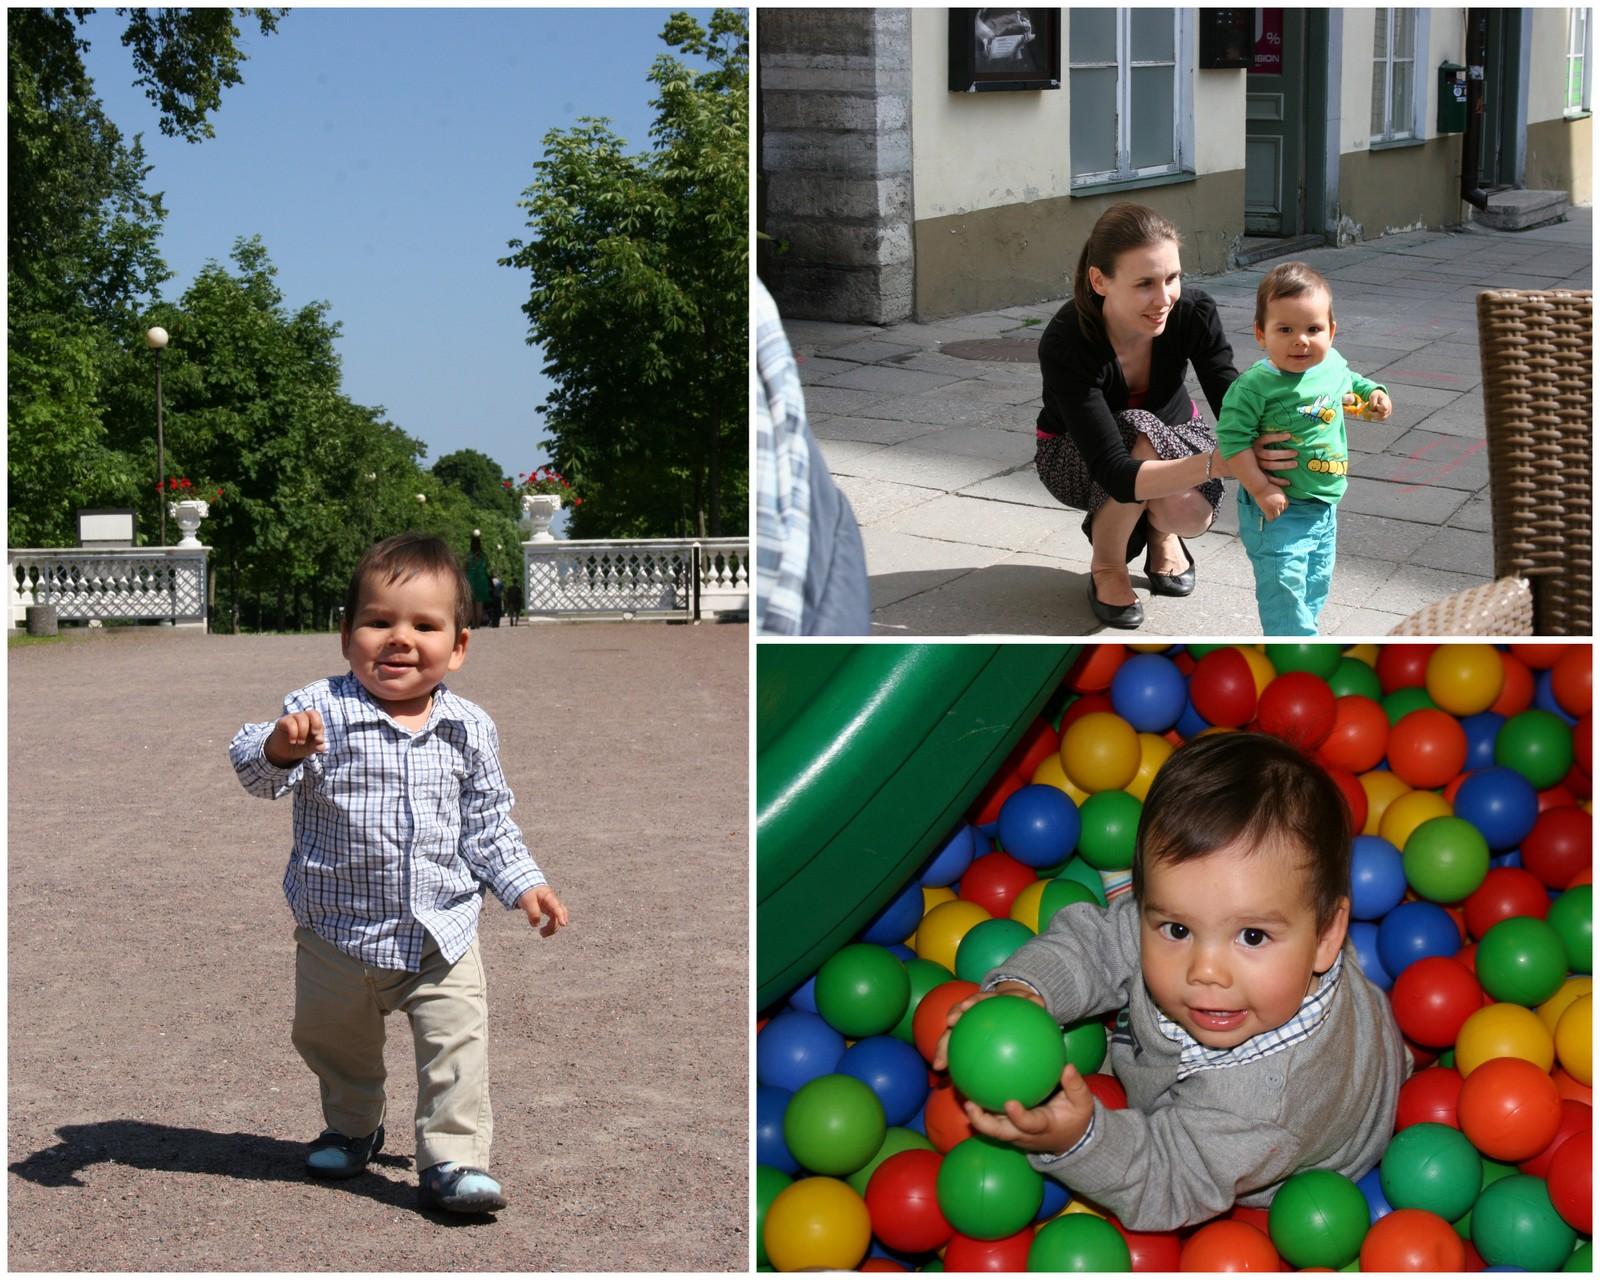 Tallinna lasten kanssa - muistoja vuodelta 2010.